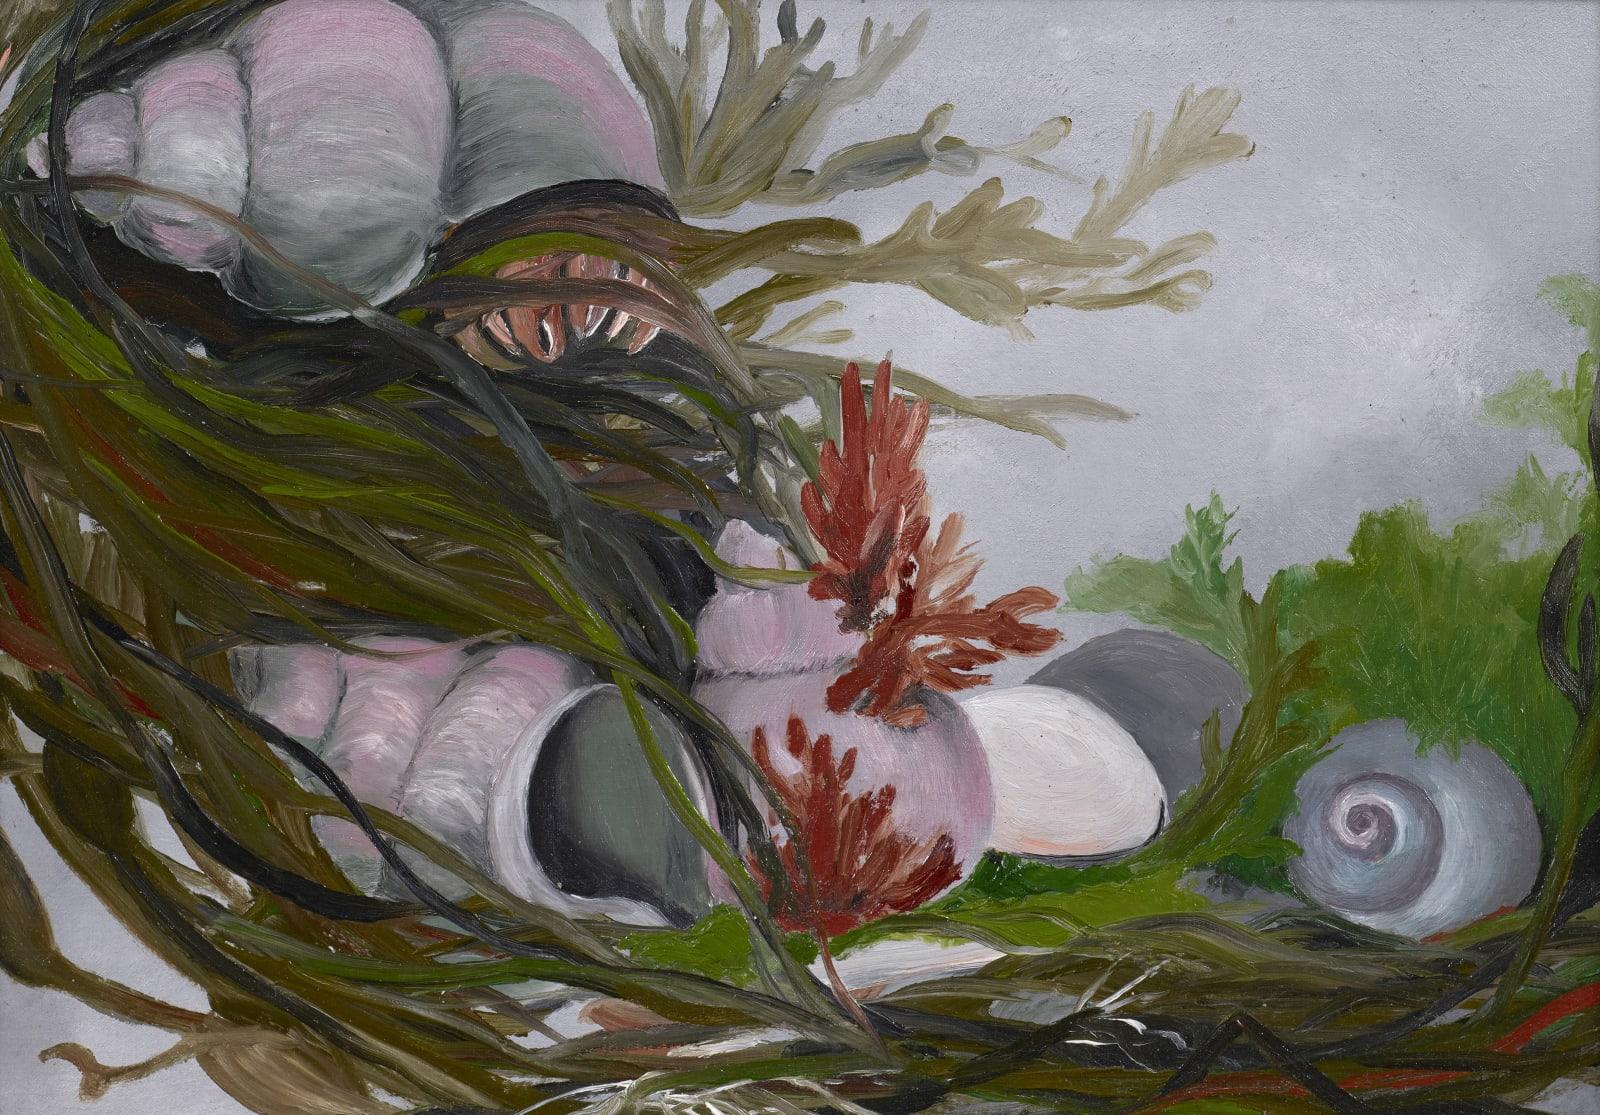 Ida O'Keeffe, Sea-Shells, 1927